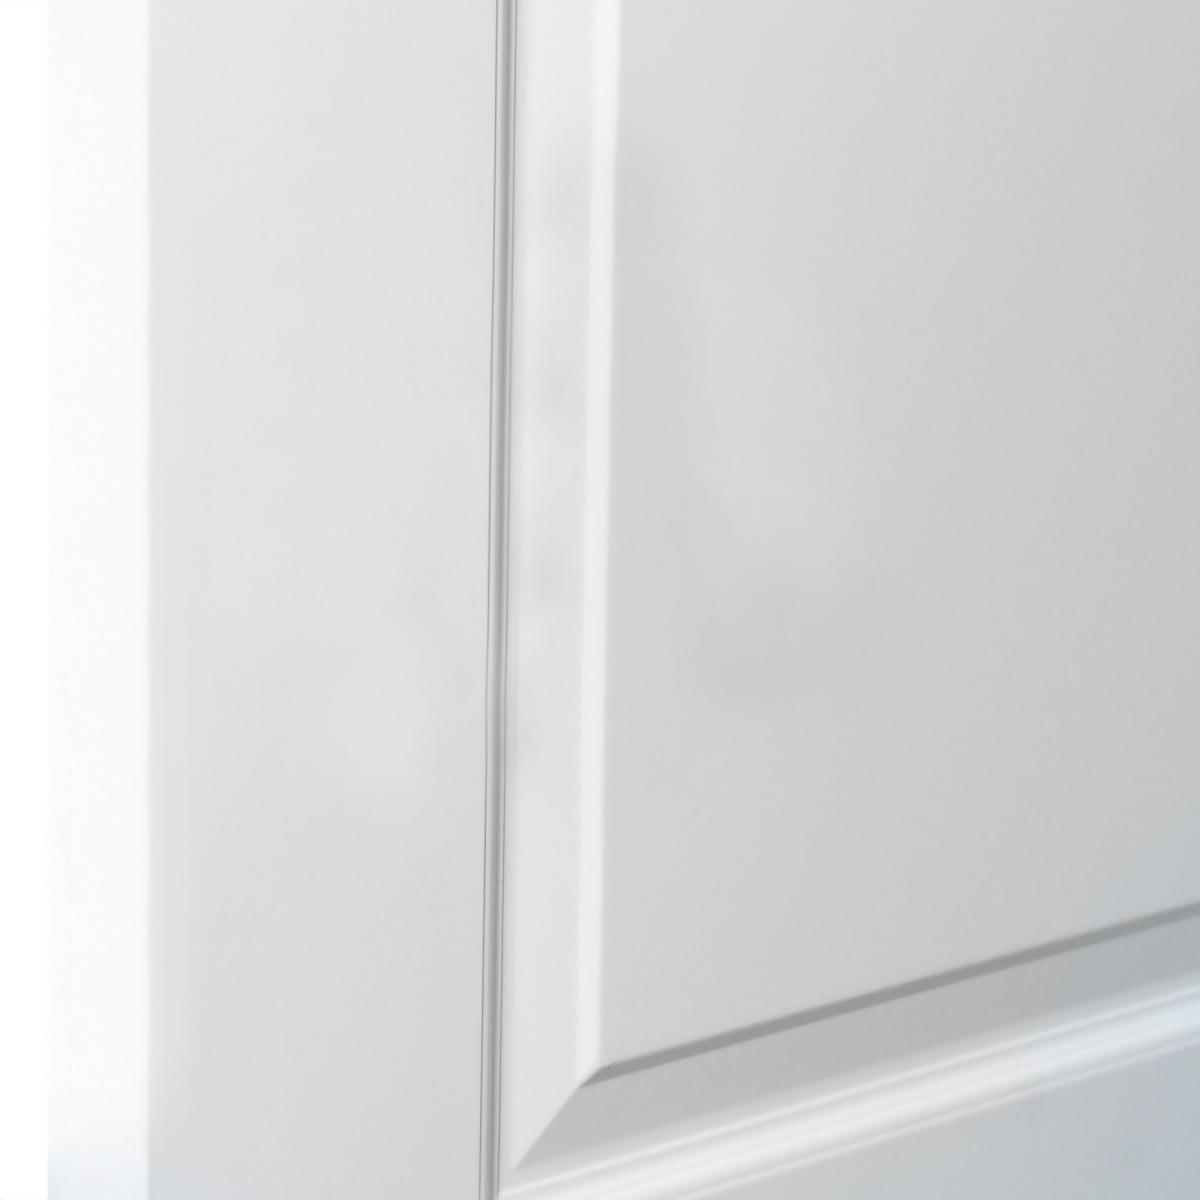 Дверь Межкомнатная Глухая Австралия 90x200 Цвет Белый